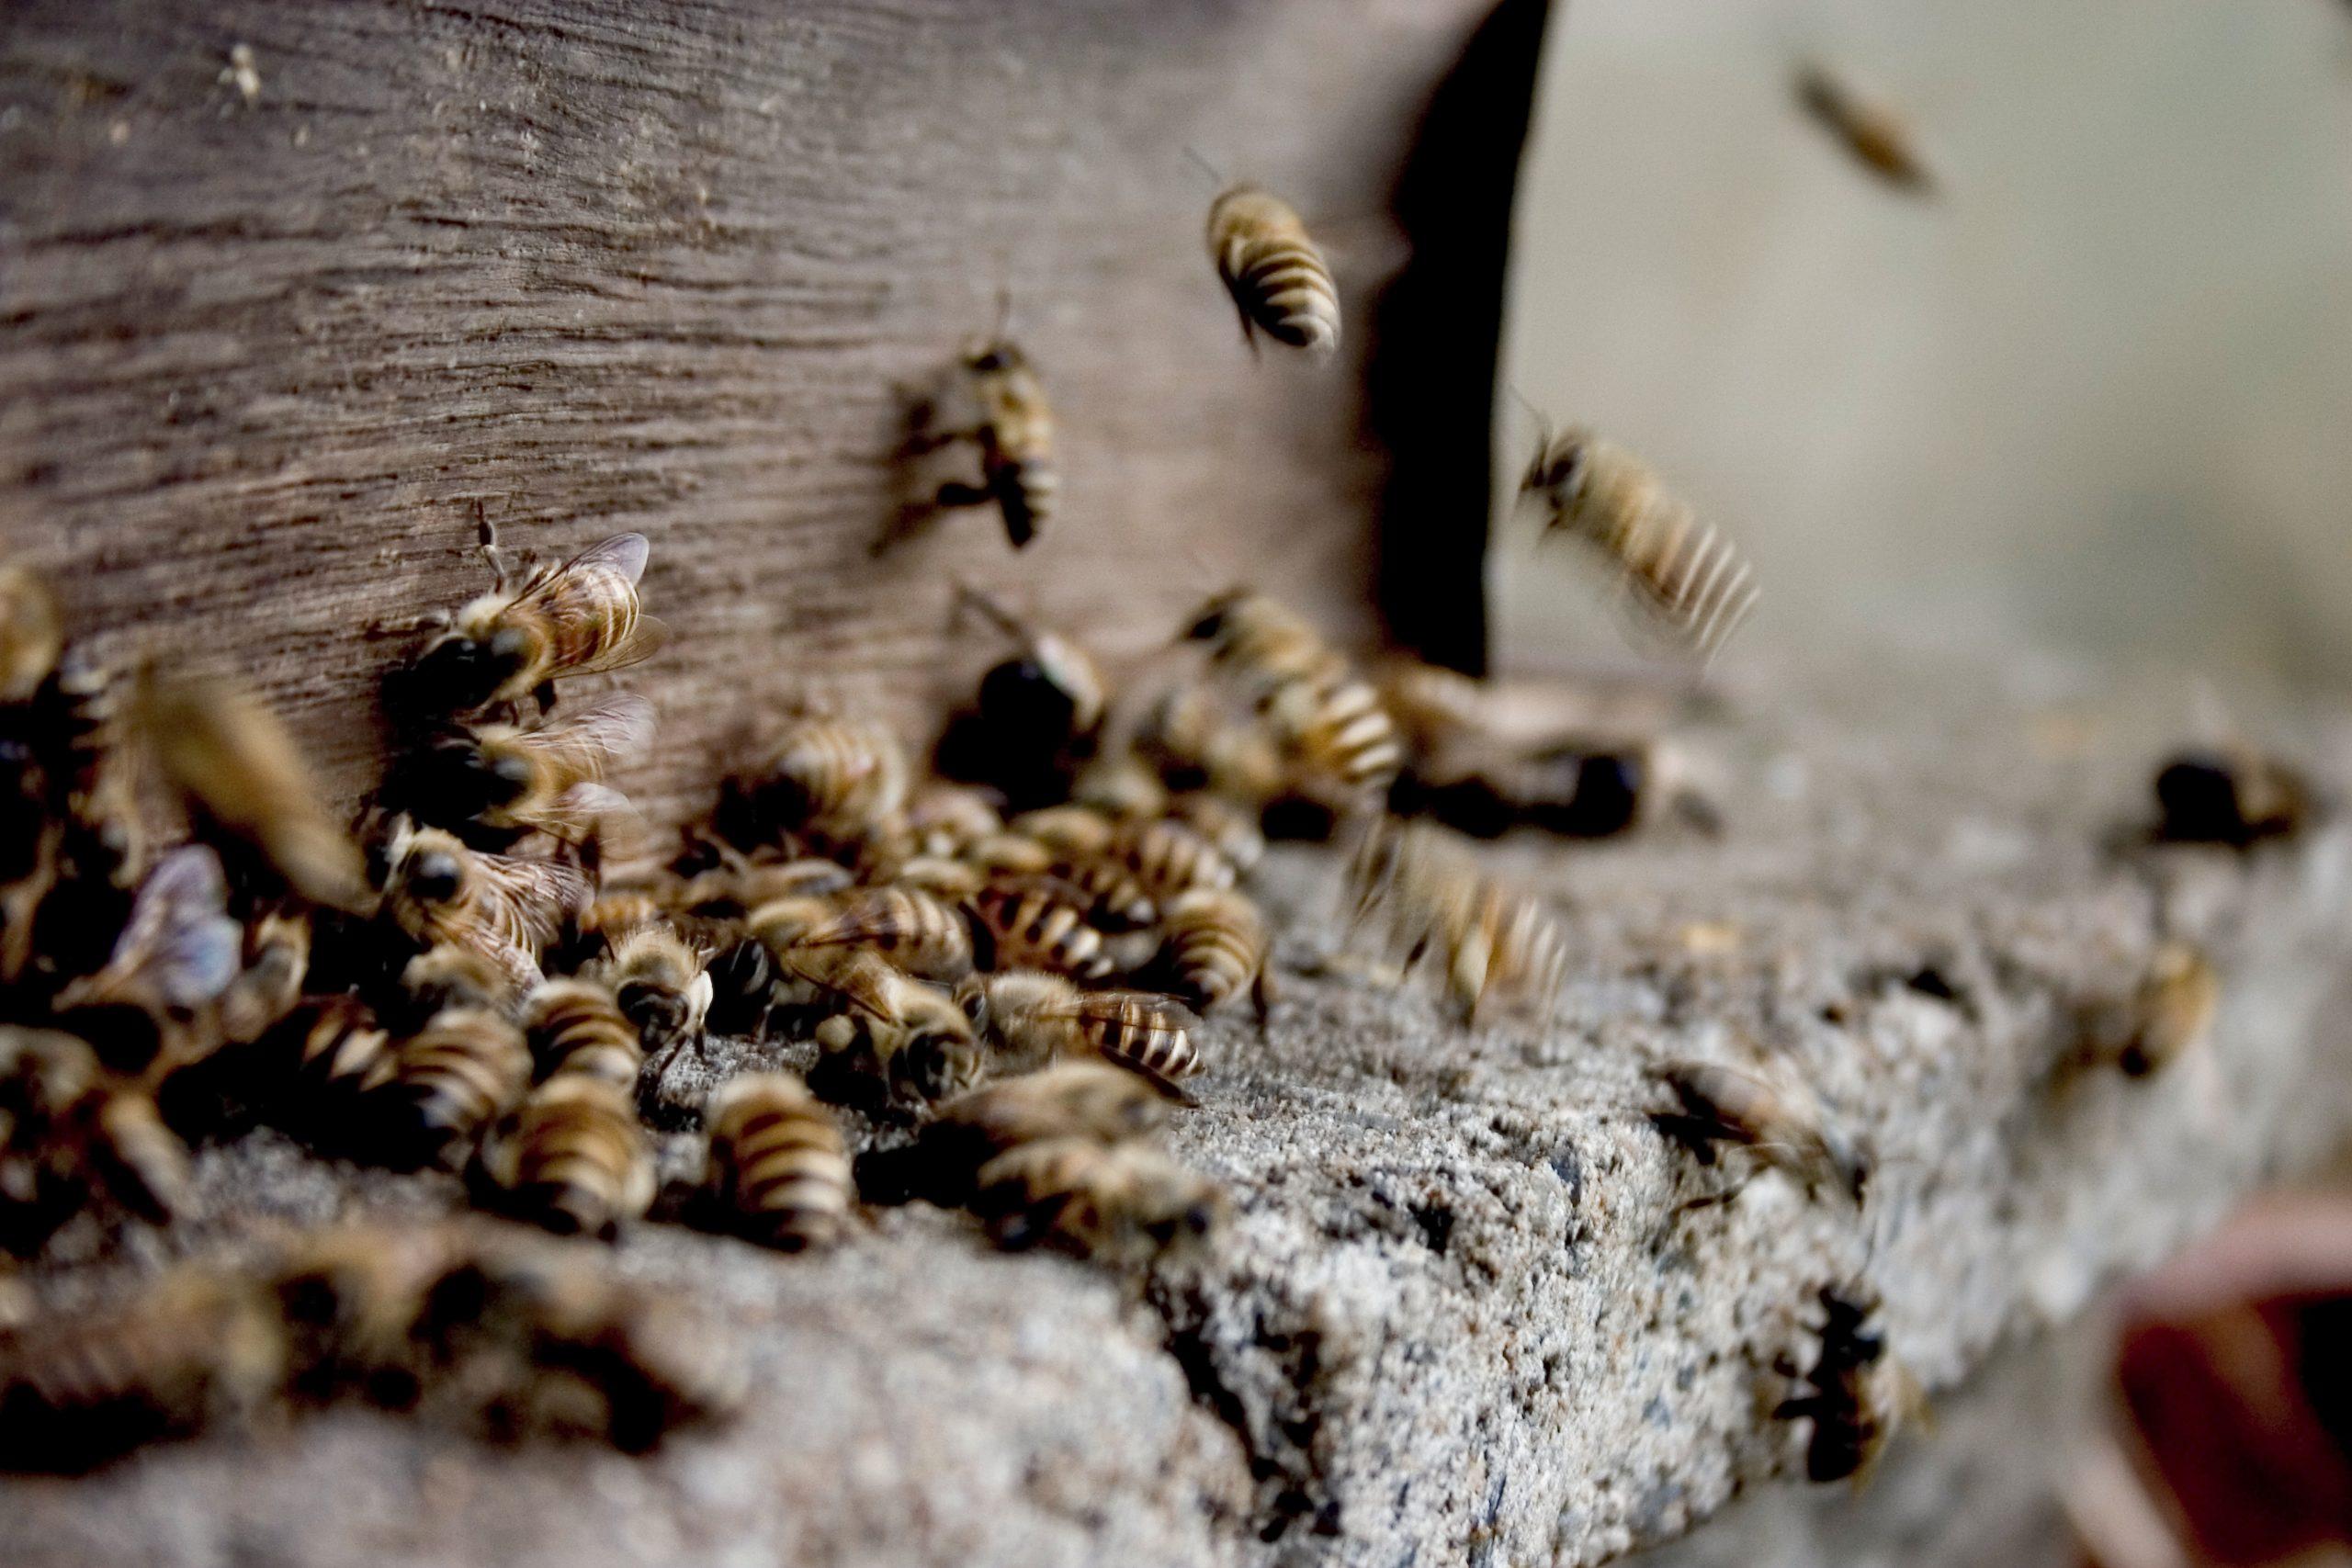 L'allergie aux venins d'hyménoptères